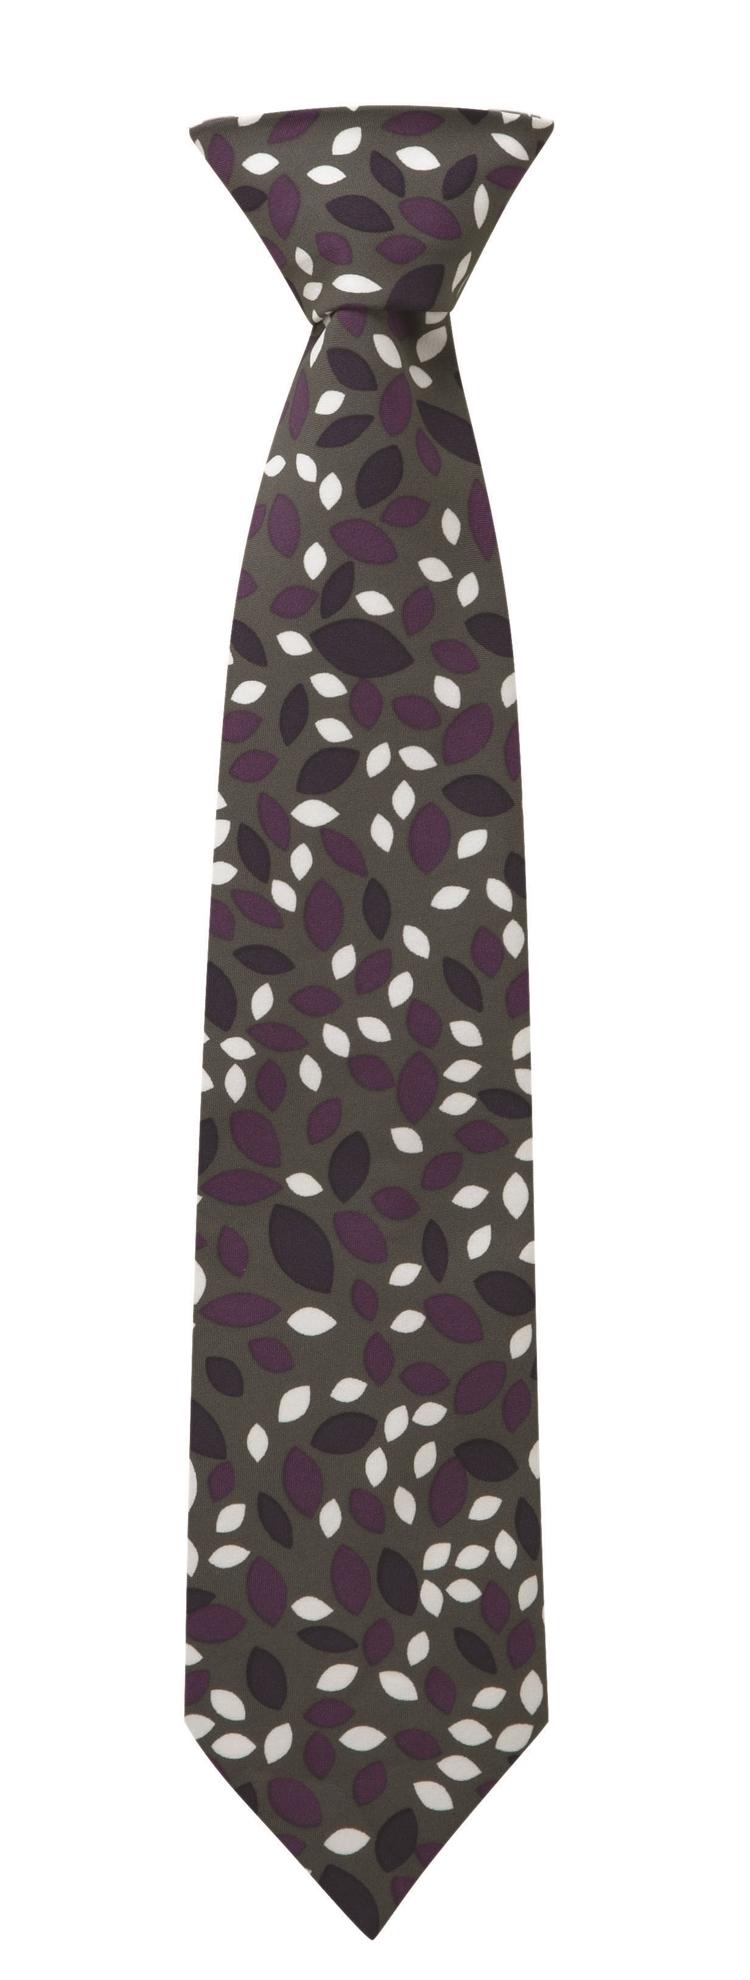 Picture of Print Tie - Grey/Purple Lauren Print